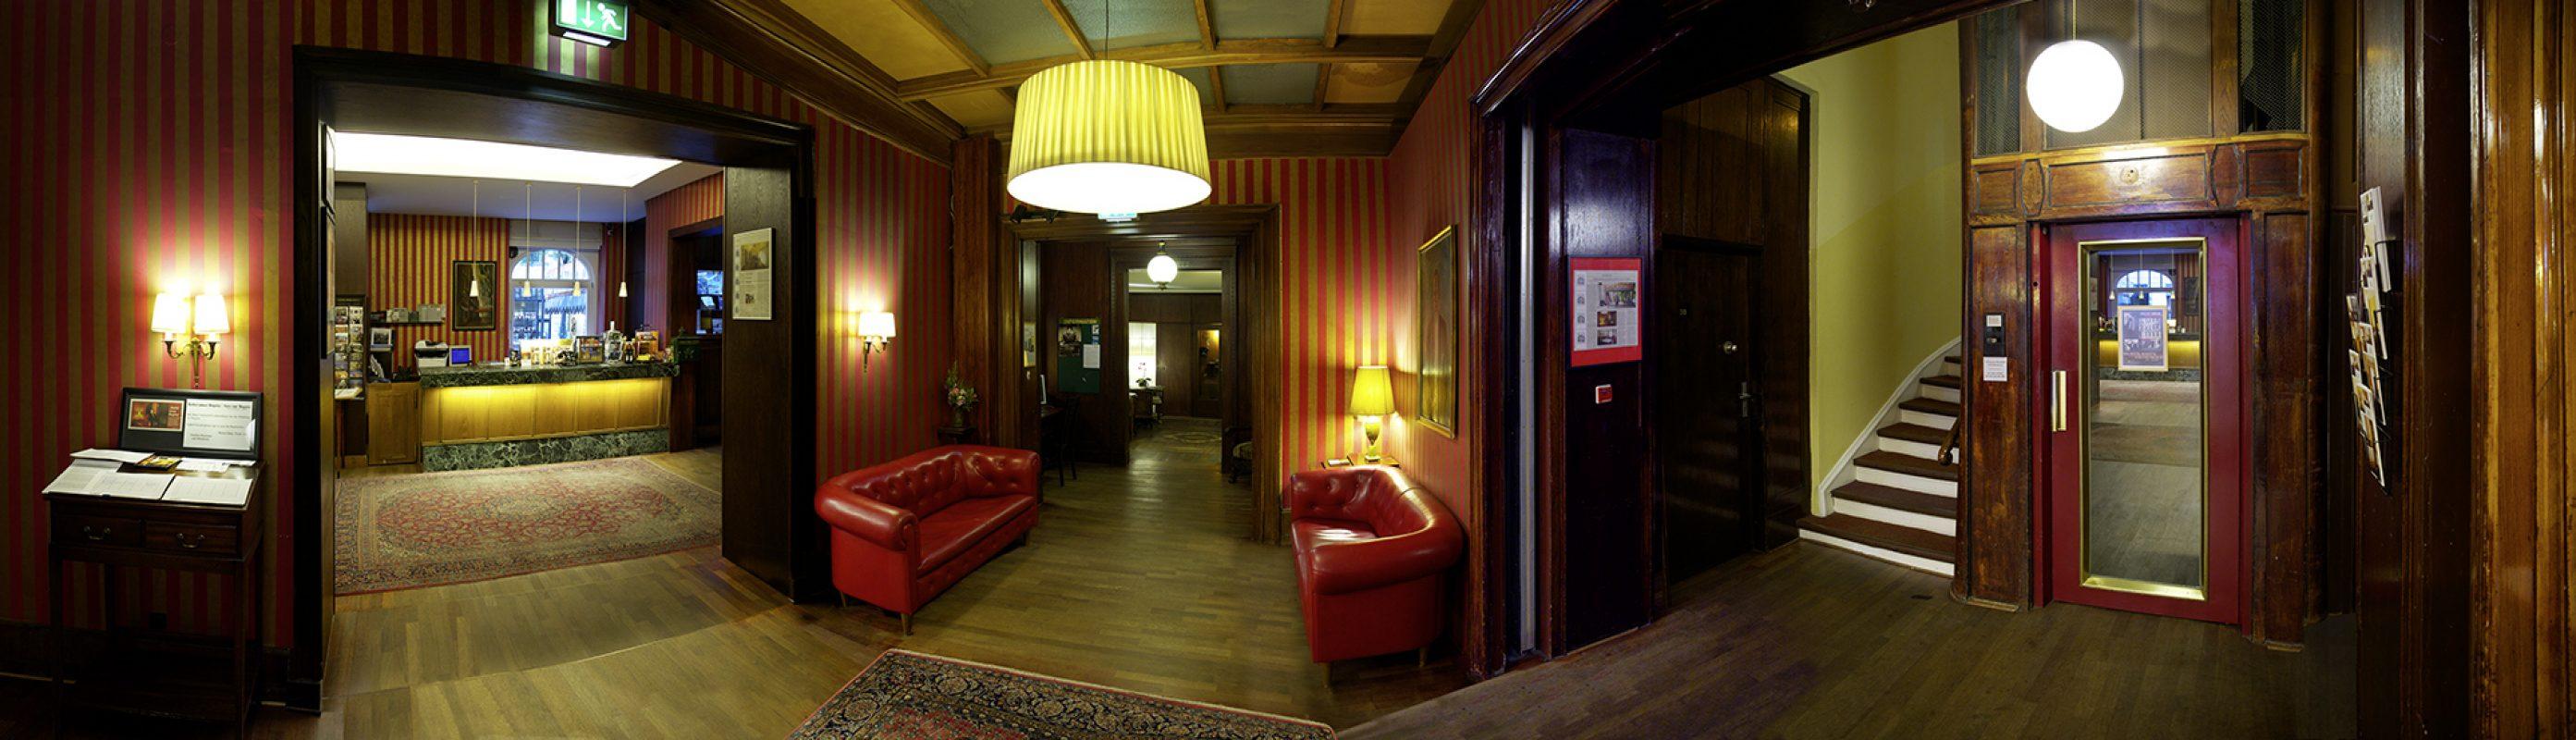 Hotel Bogota Lift